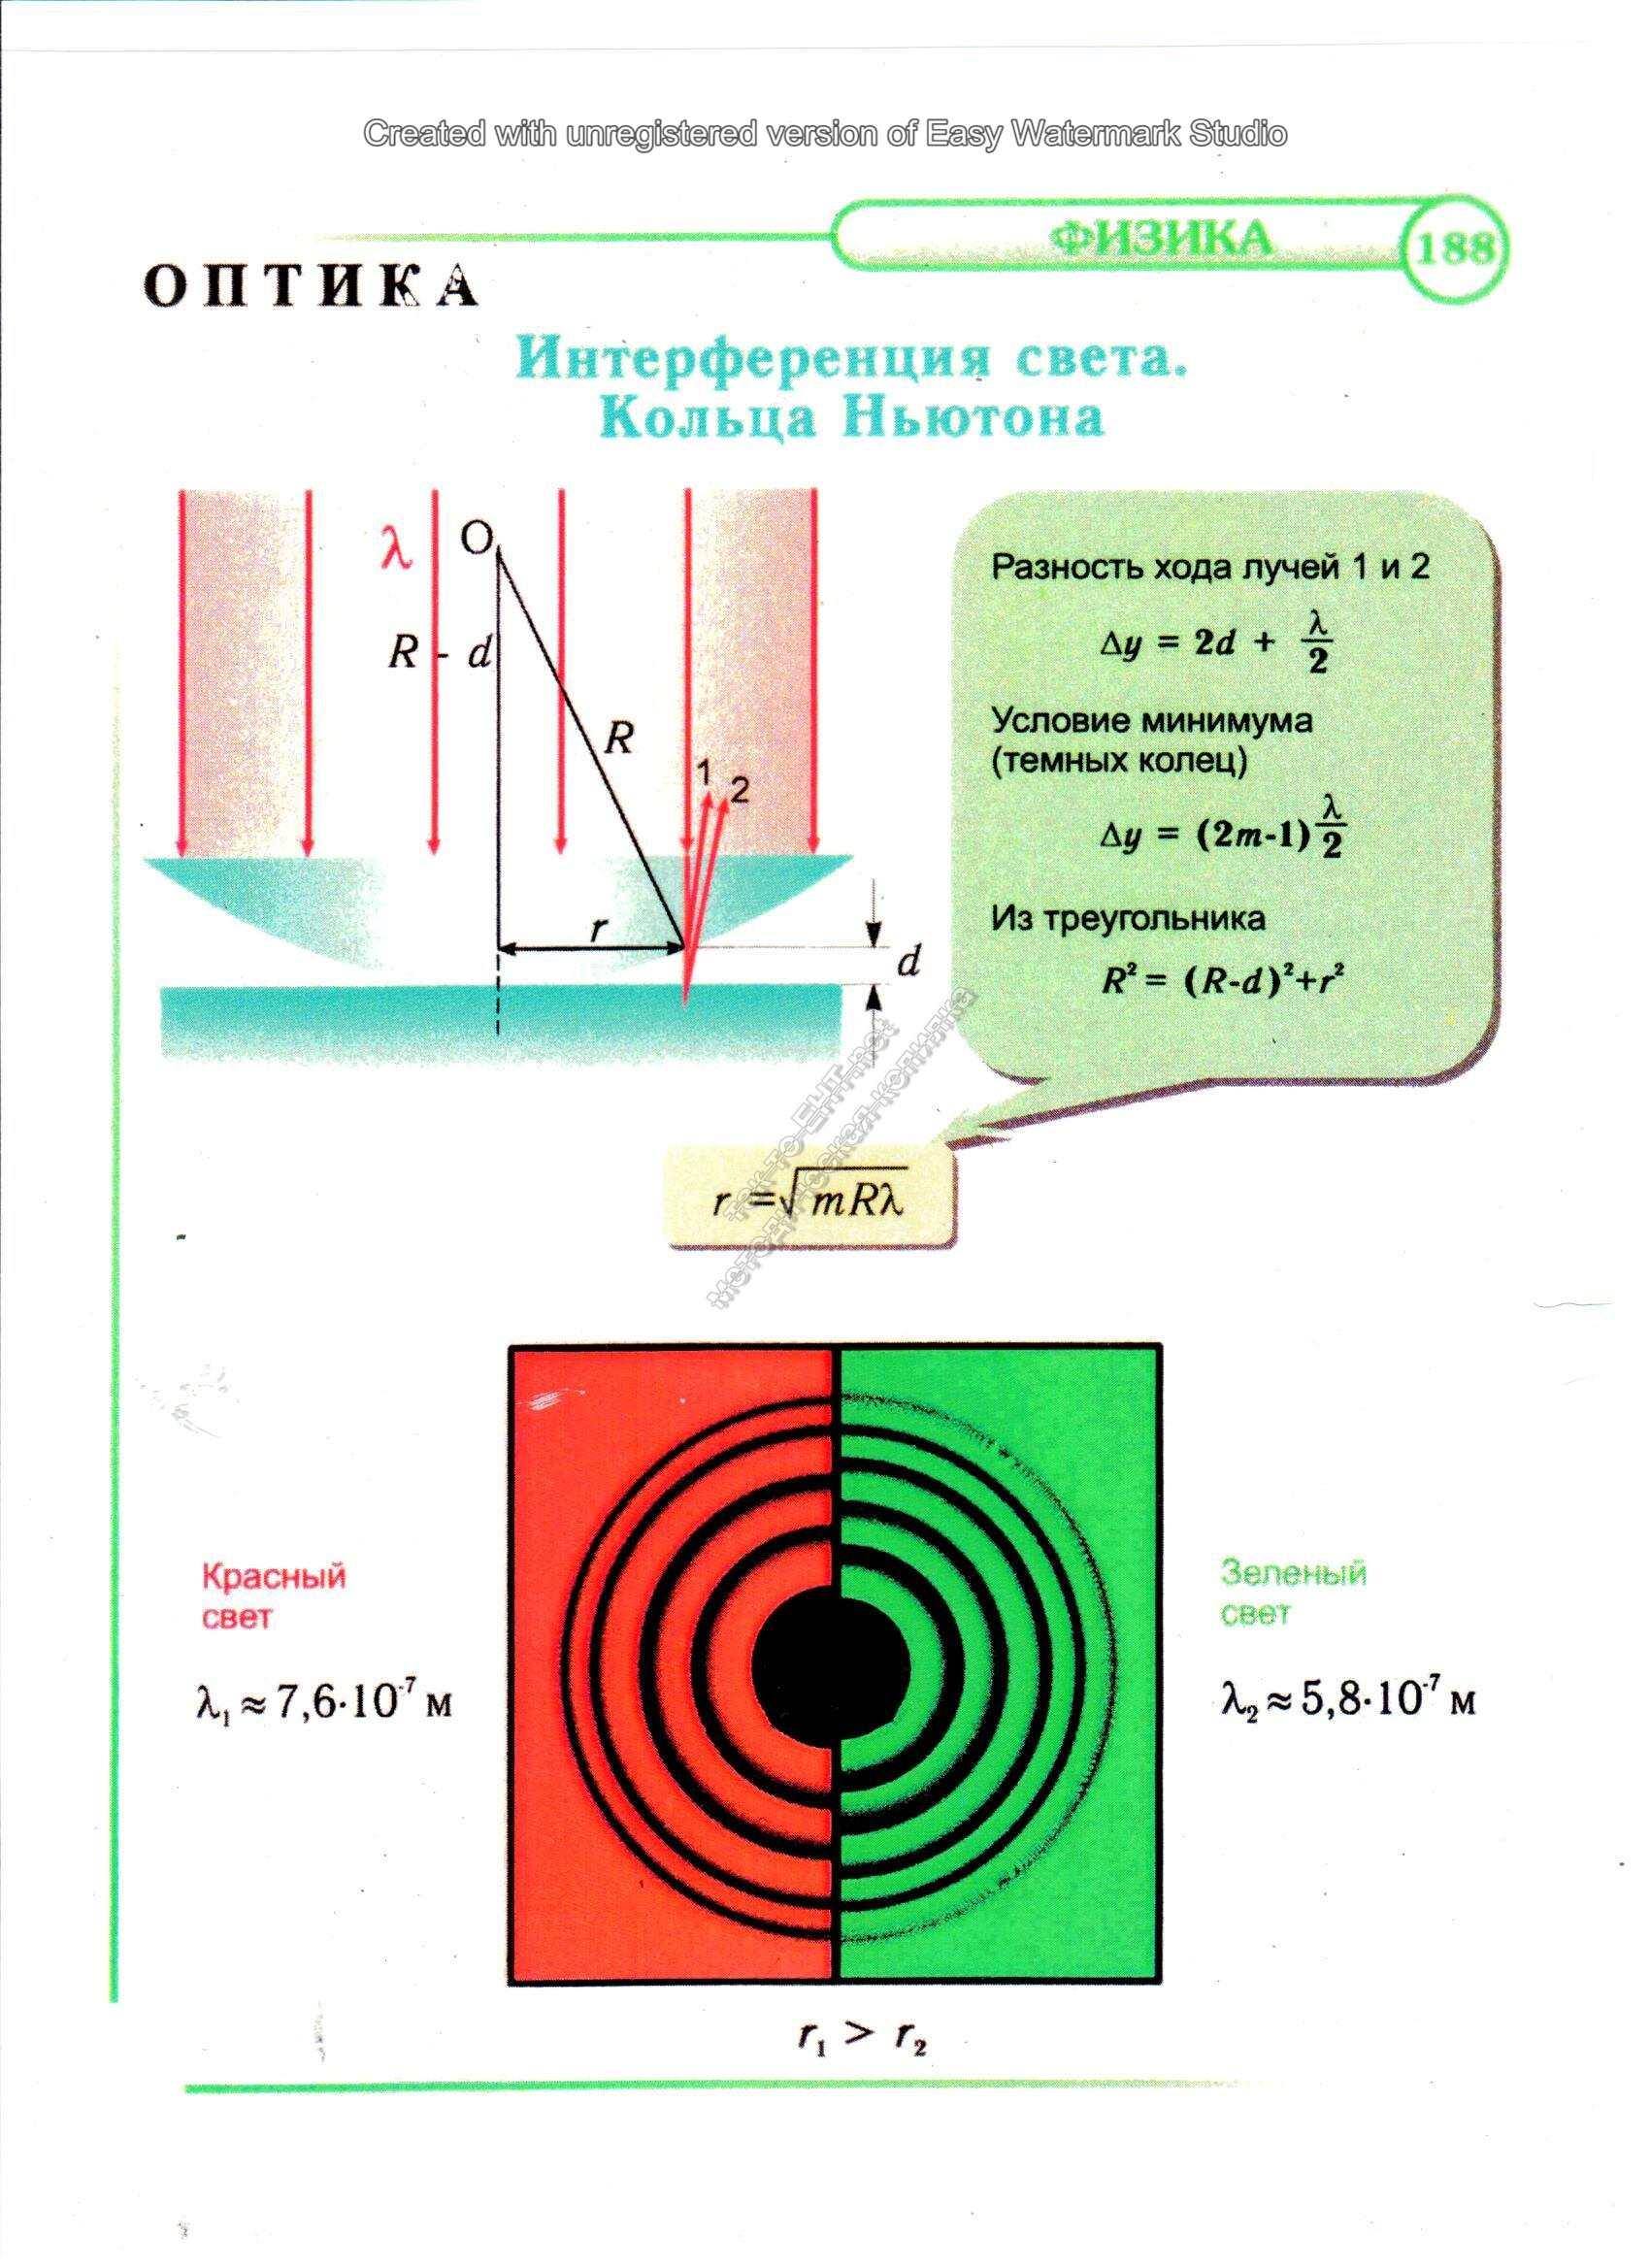 Интерференция света. Кольца Ньютона